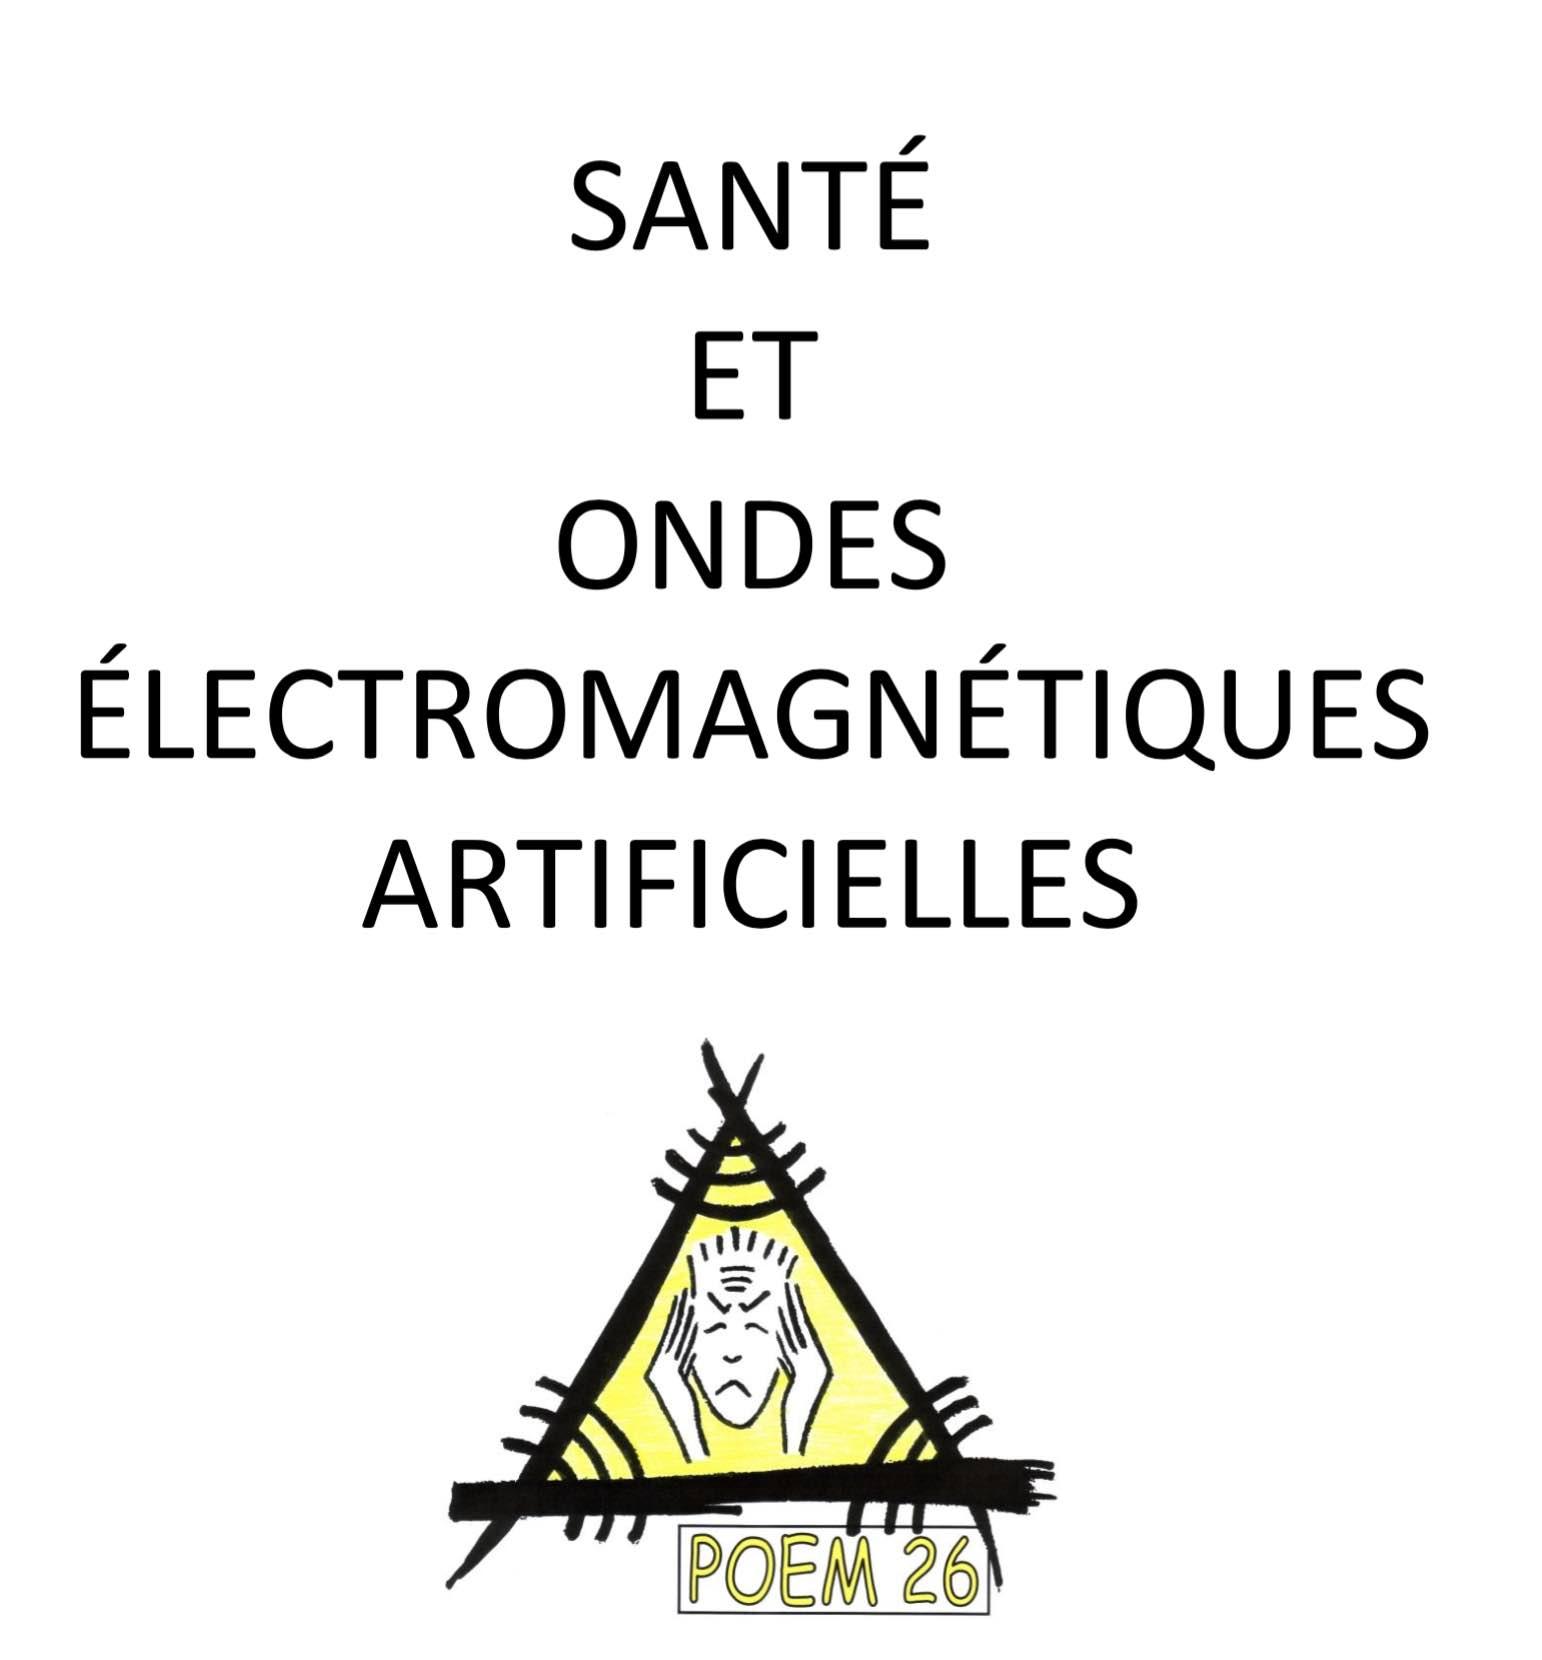 Nouvelle publication du dossier santé et ondes électromagnétiques